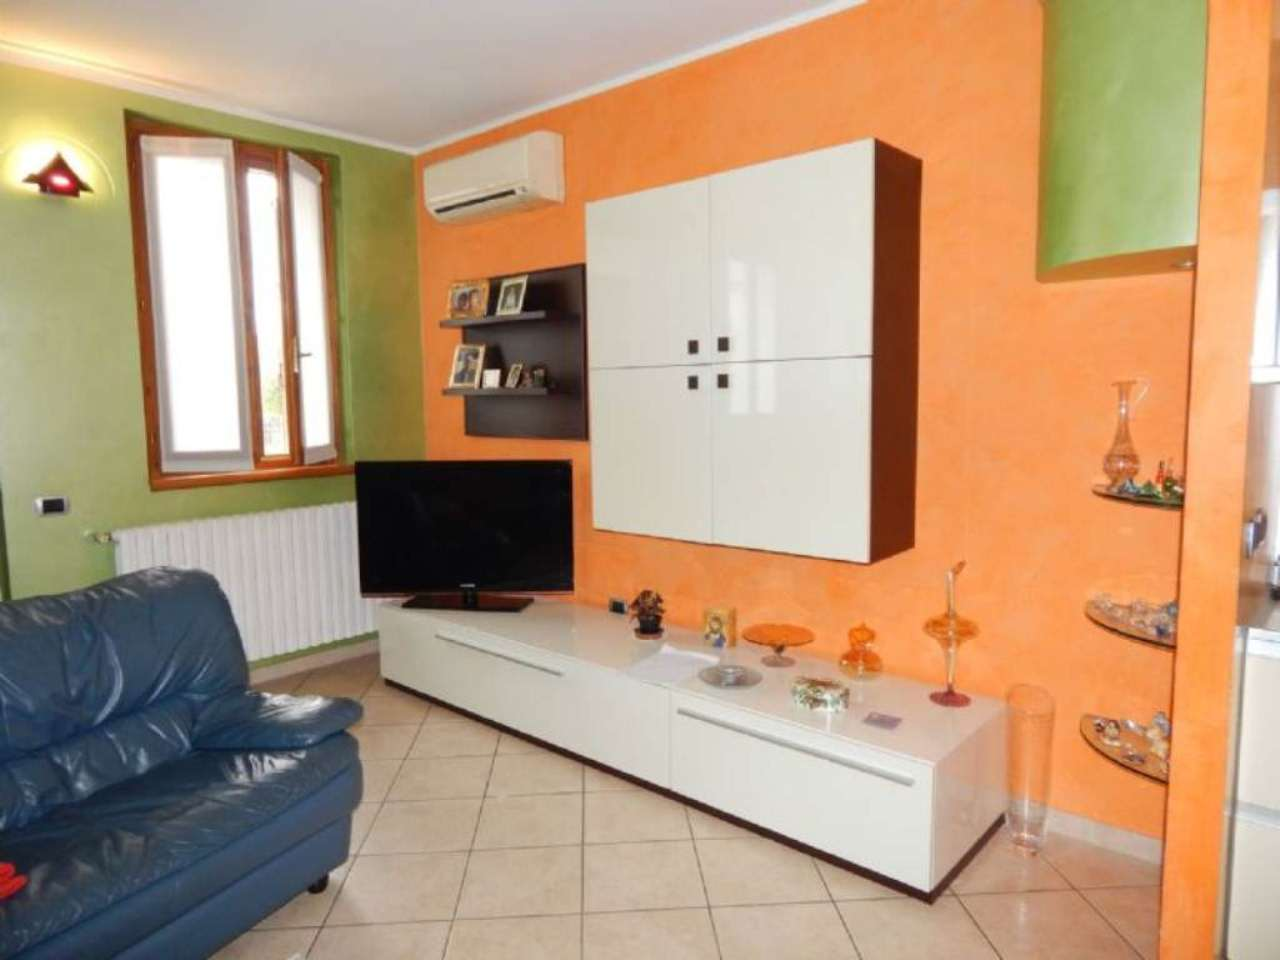 Appartamento in vendita a Casirate d'Adda, 4 locali, prezzo € 186.000 | Cambio Casa.it